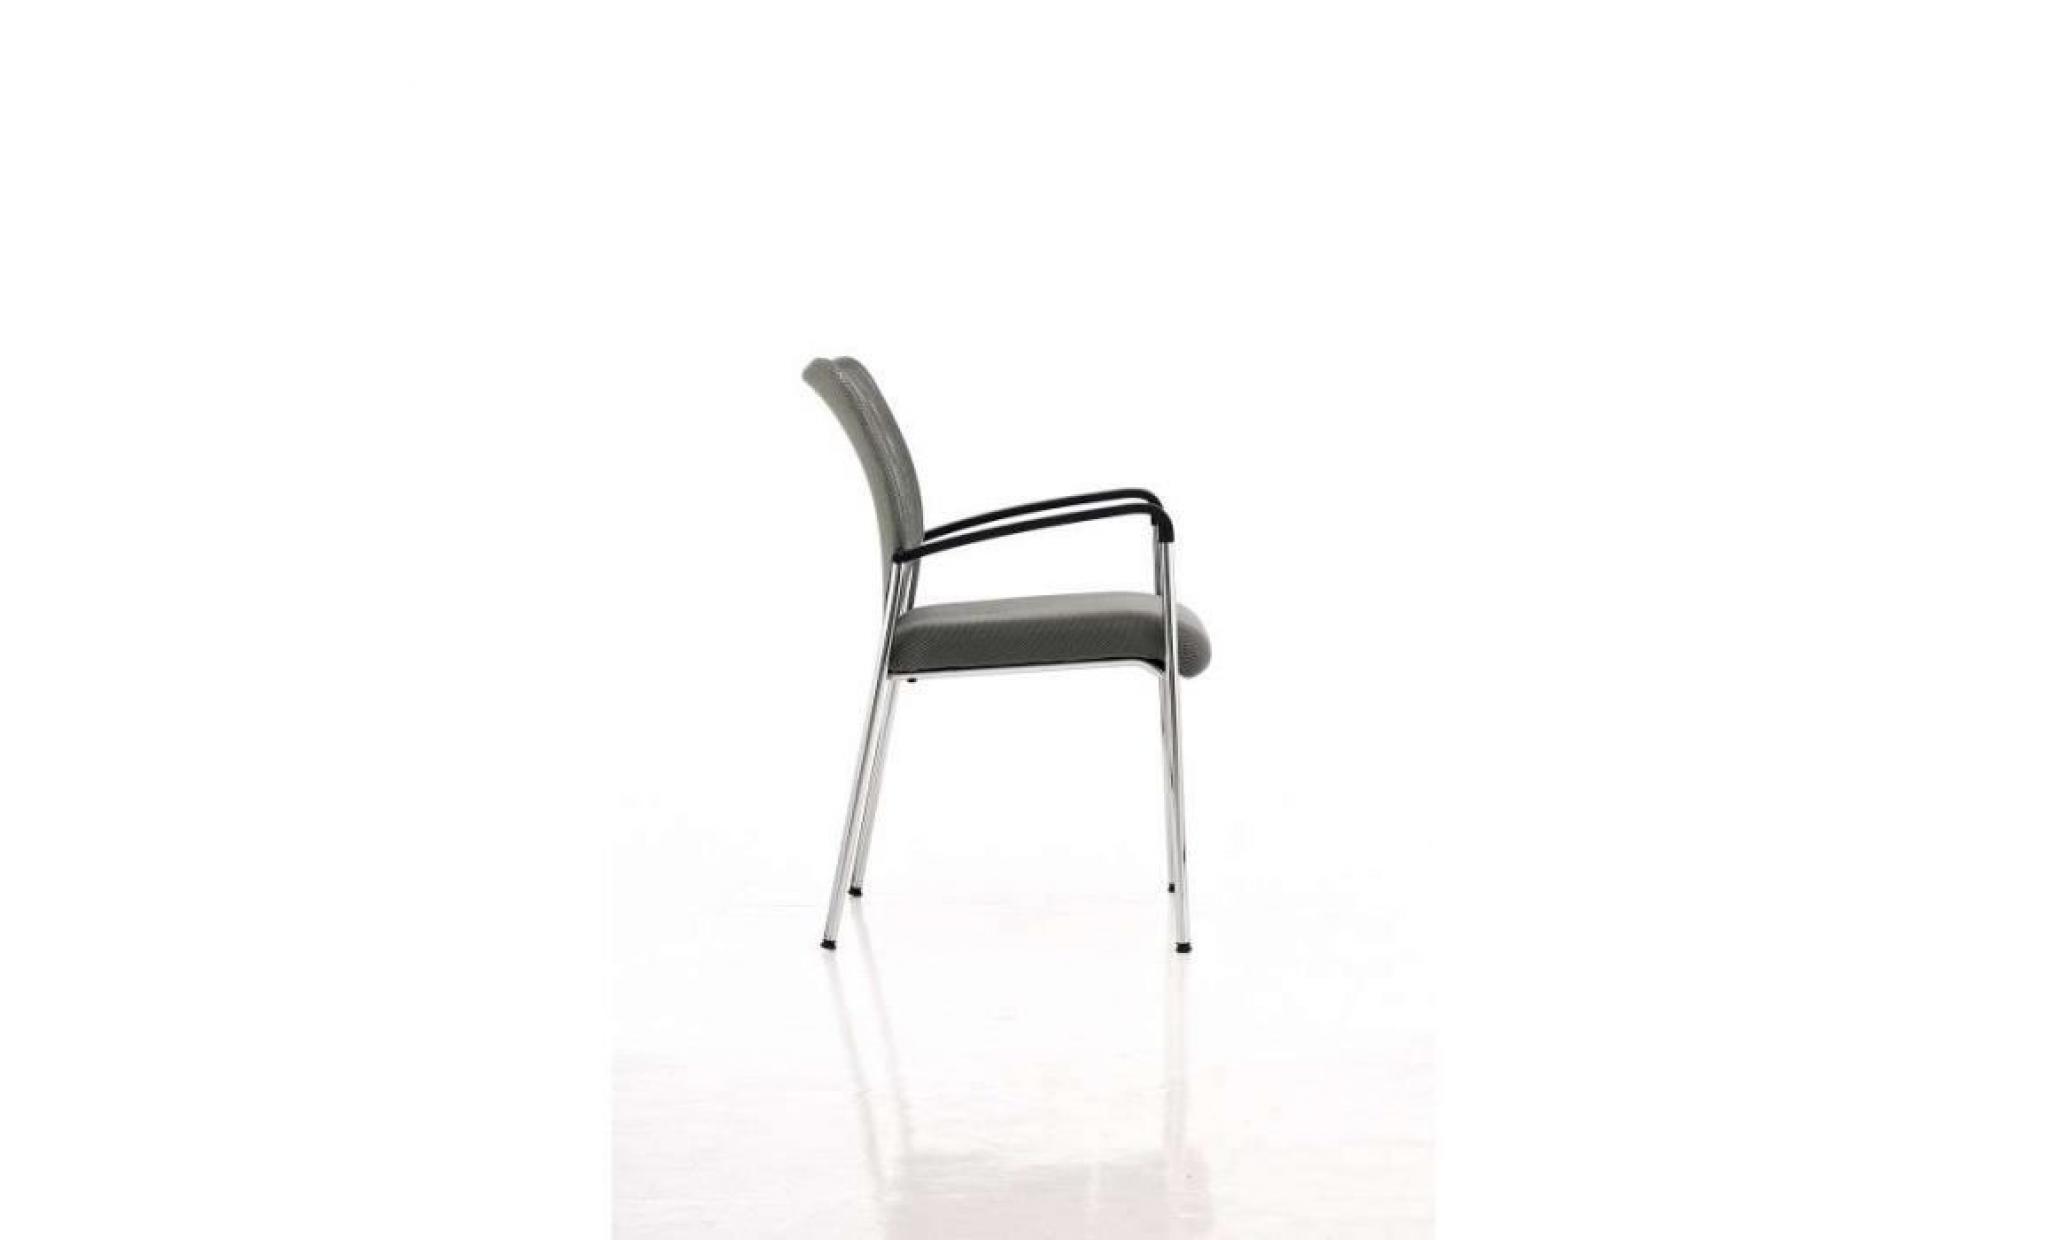 nouveau style 46a3e 8a4f9 chaise visiteur bureau gris pieds chromé avec accoudoir bur10032